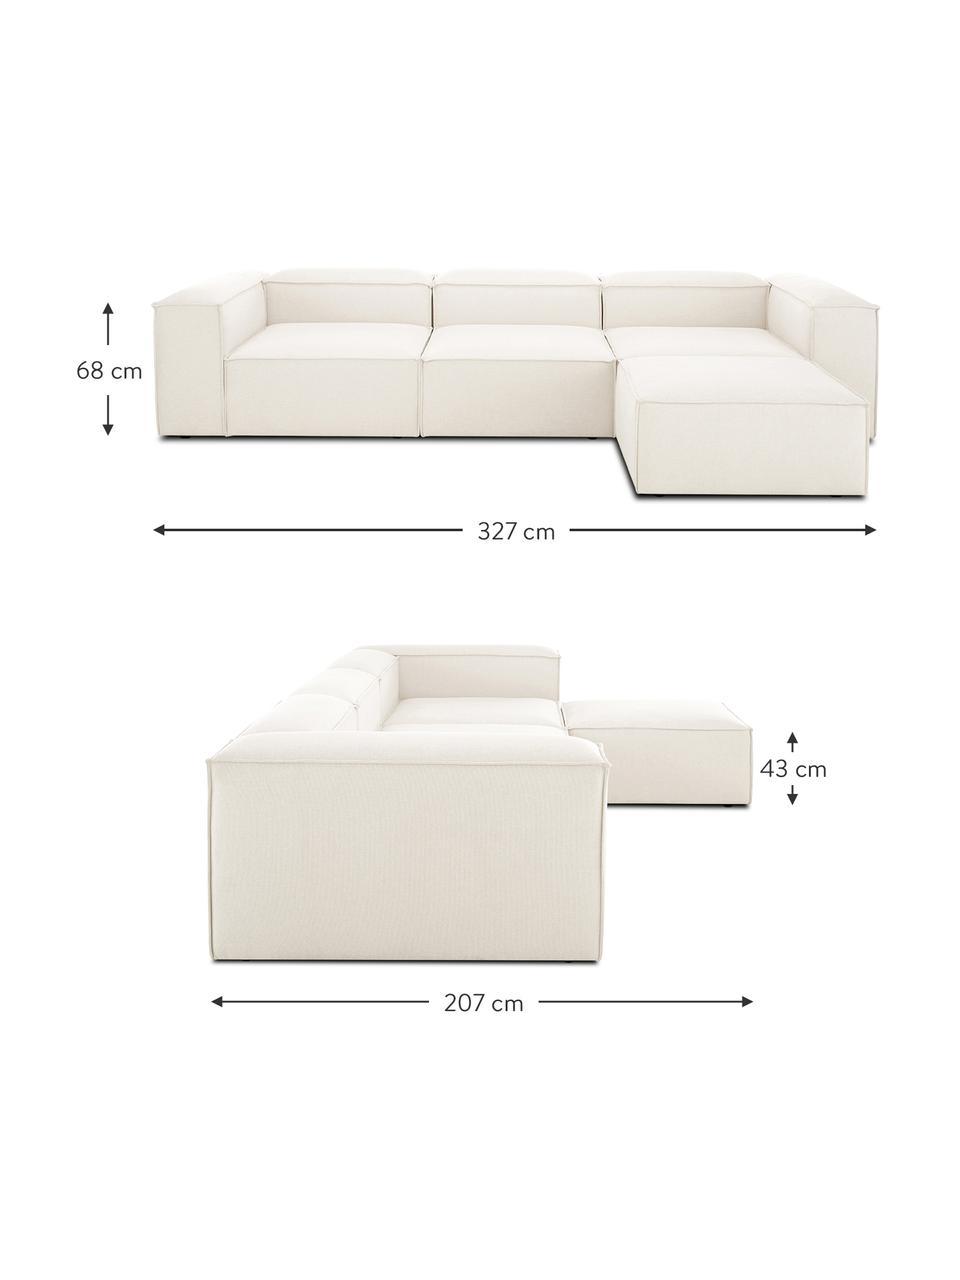 Narożna sofa modułowa Lennon, Tapicerka: 60% poliester, 40% wiskoz, Stelaż: masywne drewno sosnowe, p, Nogi: tworzywo sztuczne, Beżowy, S 327 x G 207 cm